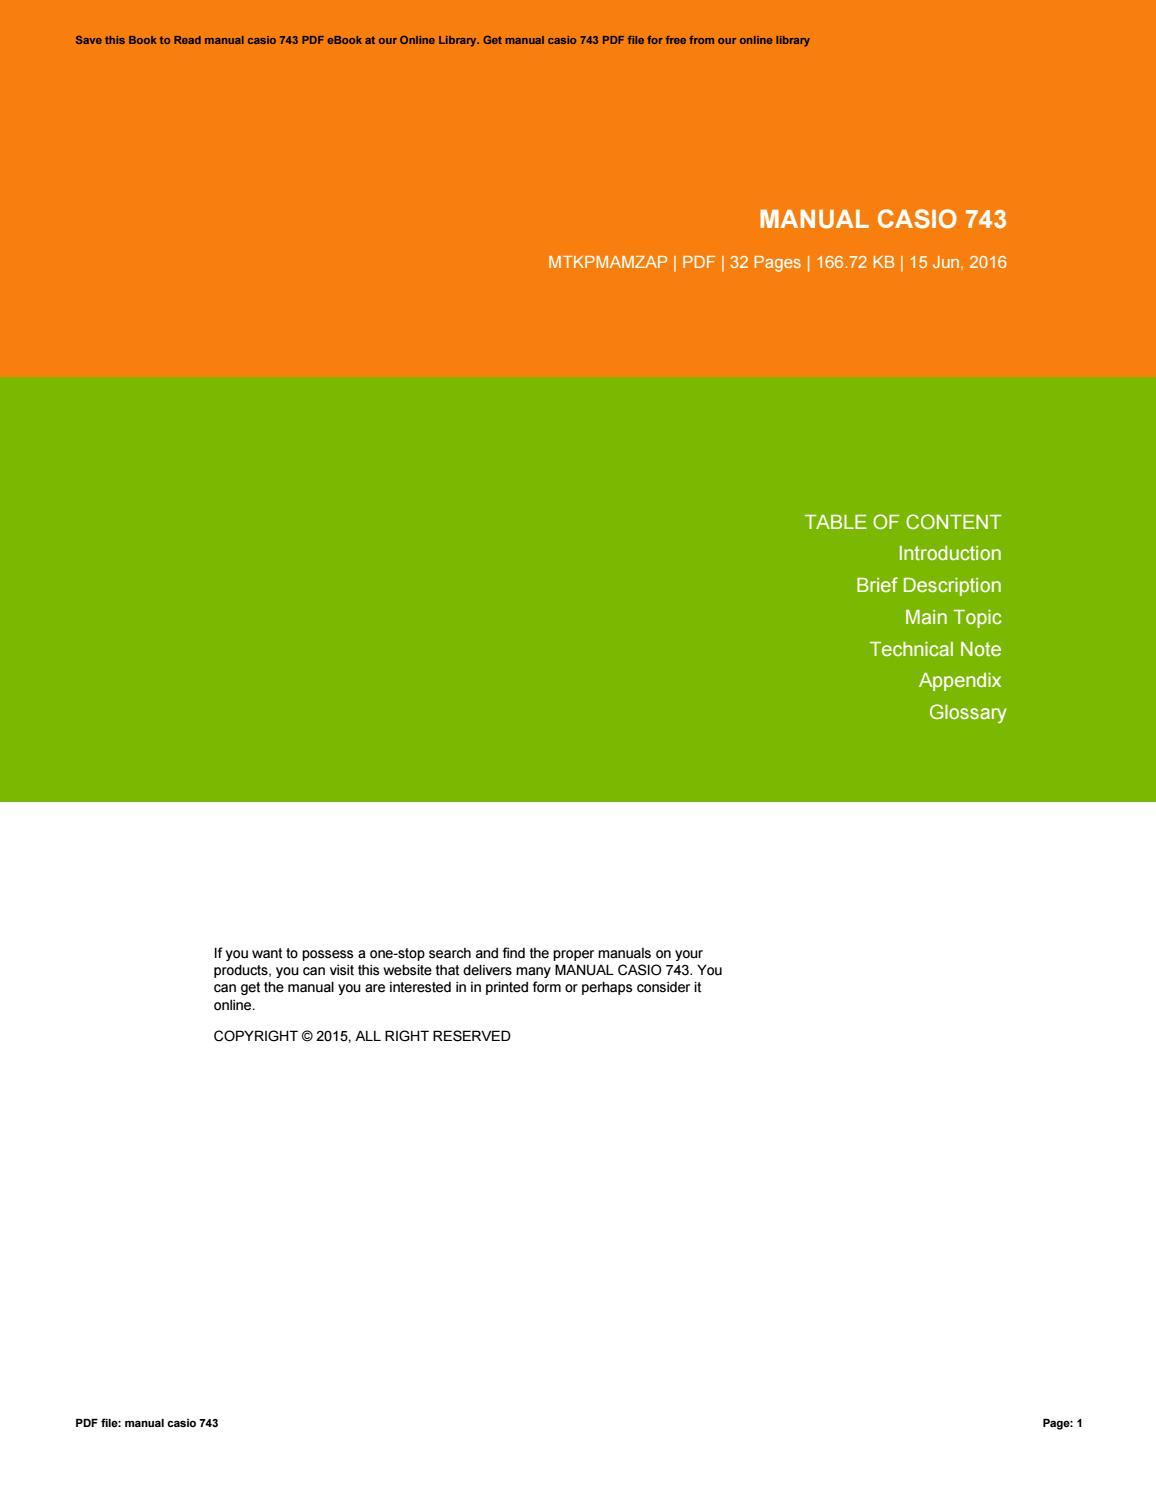 manual casio 743